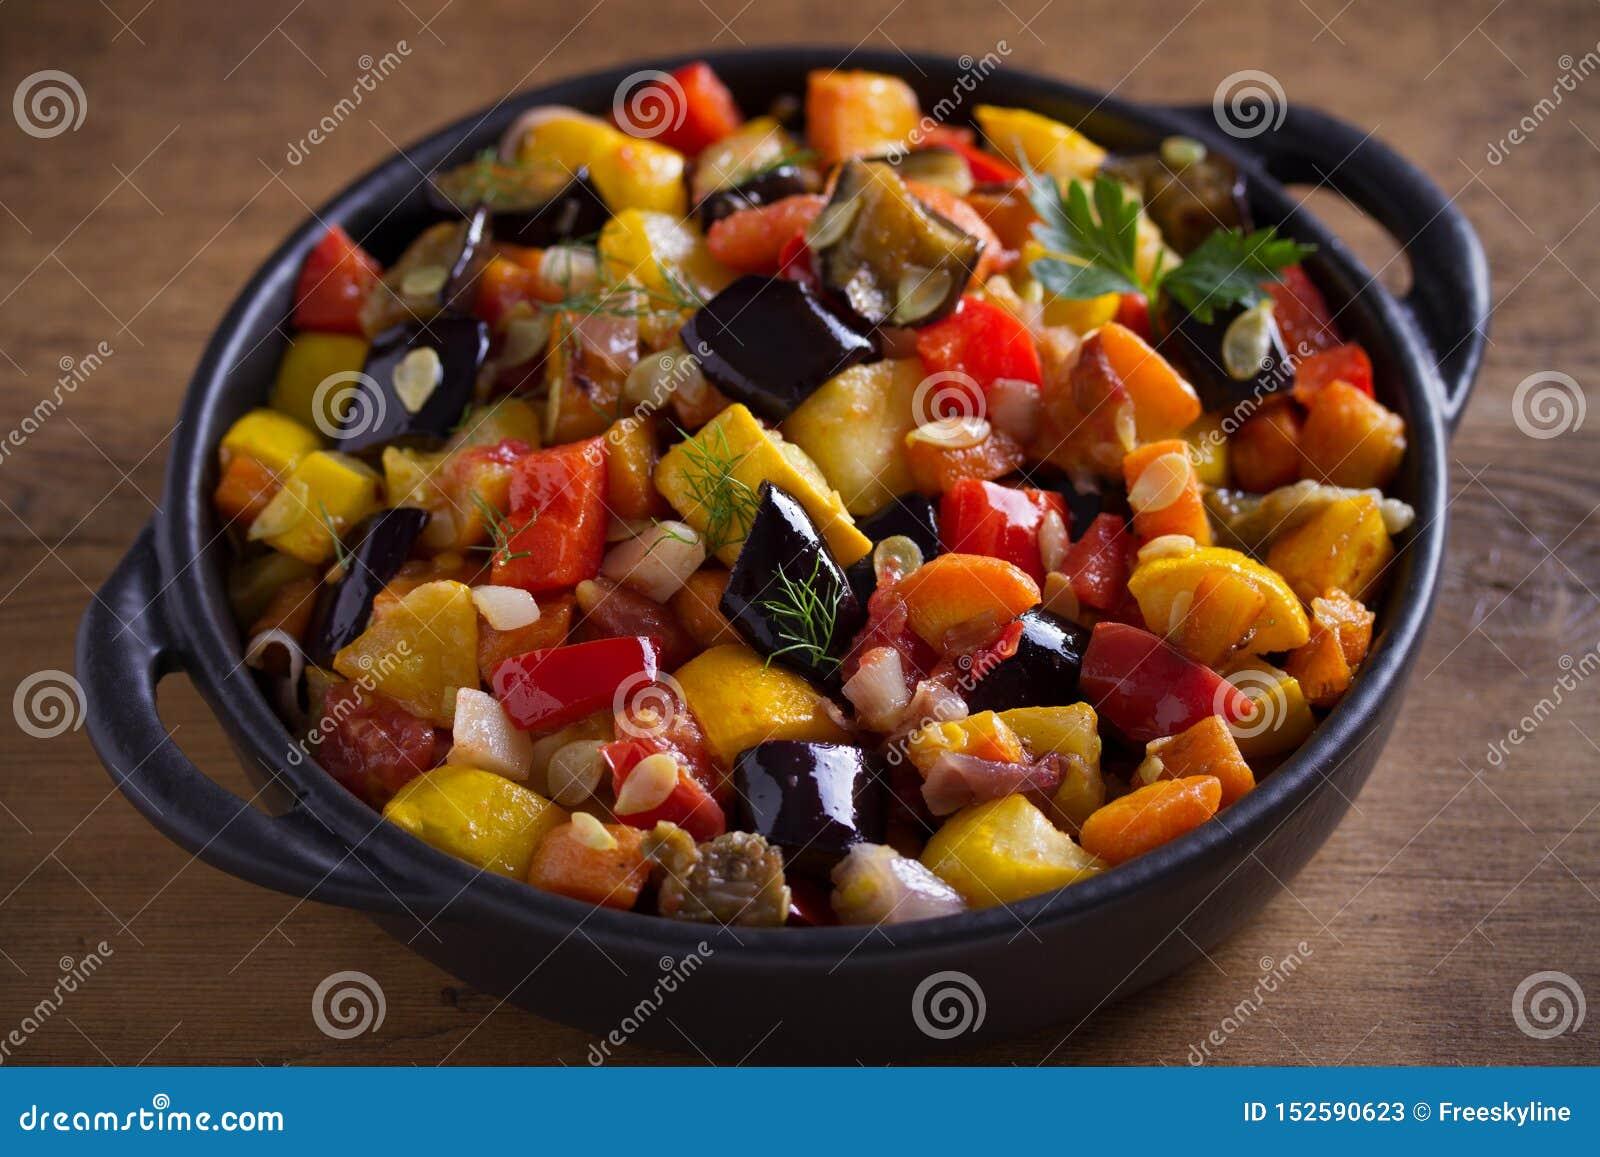 Plantaardige hutspot: aubergines, paprikapeper, tomaten, courgette, wortelen en uien Gestoofde plantaardige salade